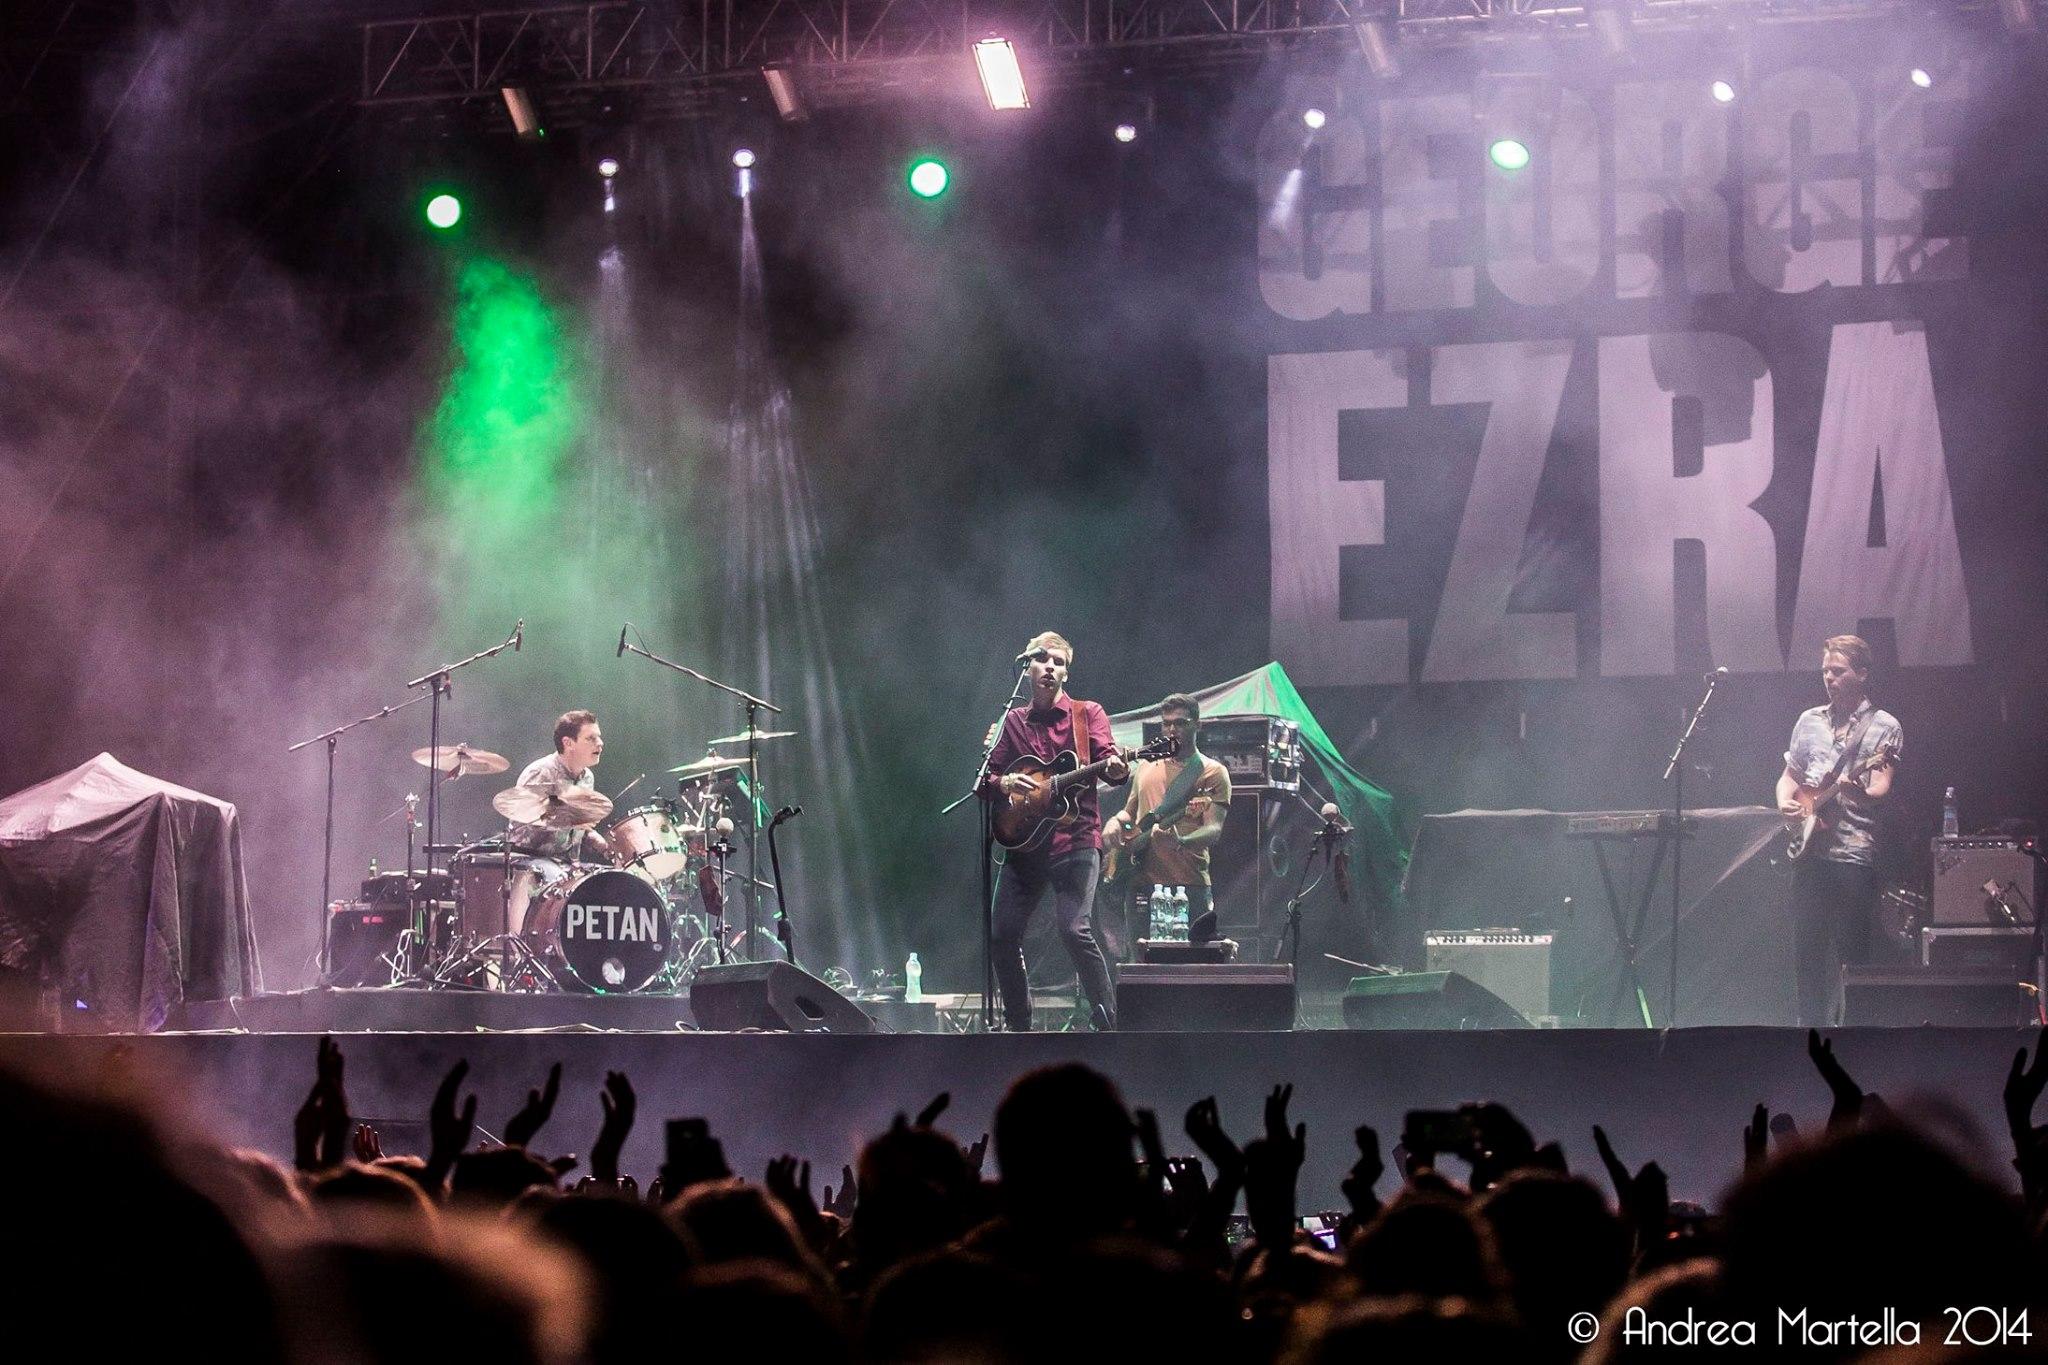 Ezra Rome.jpg